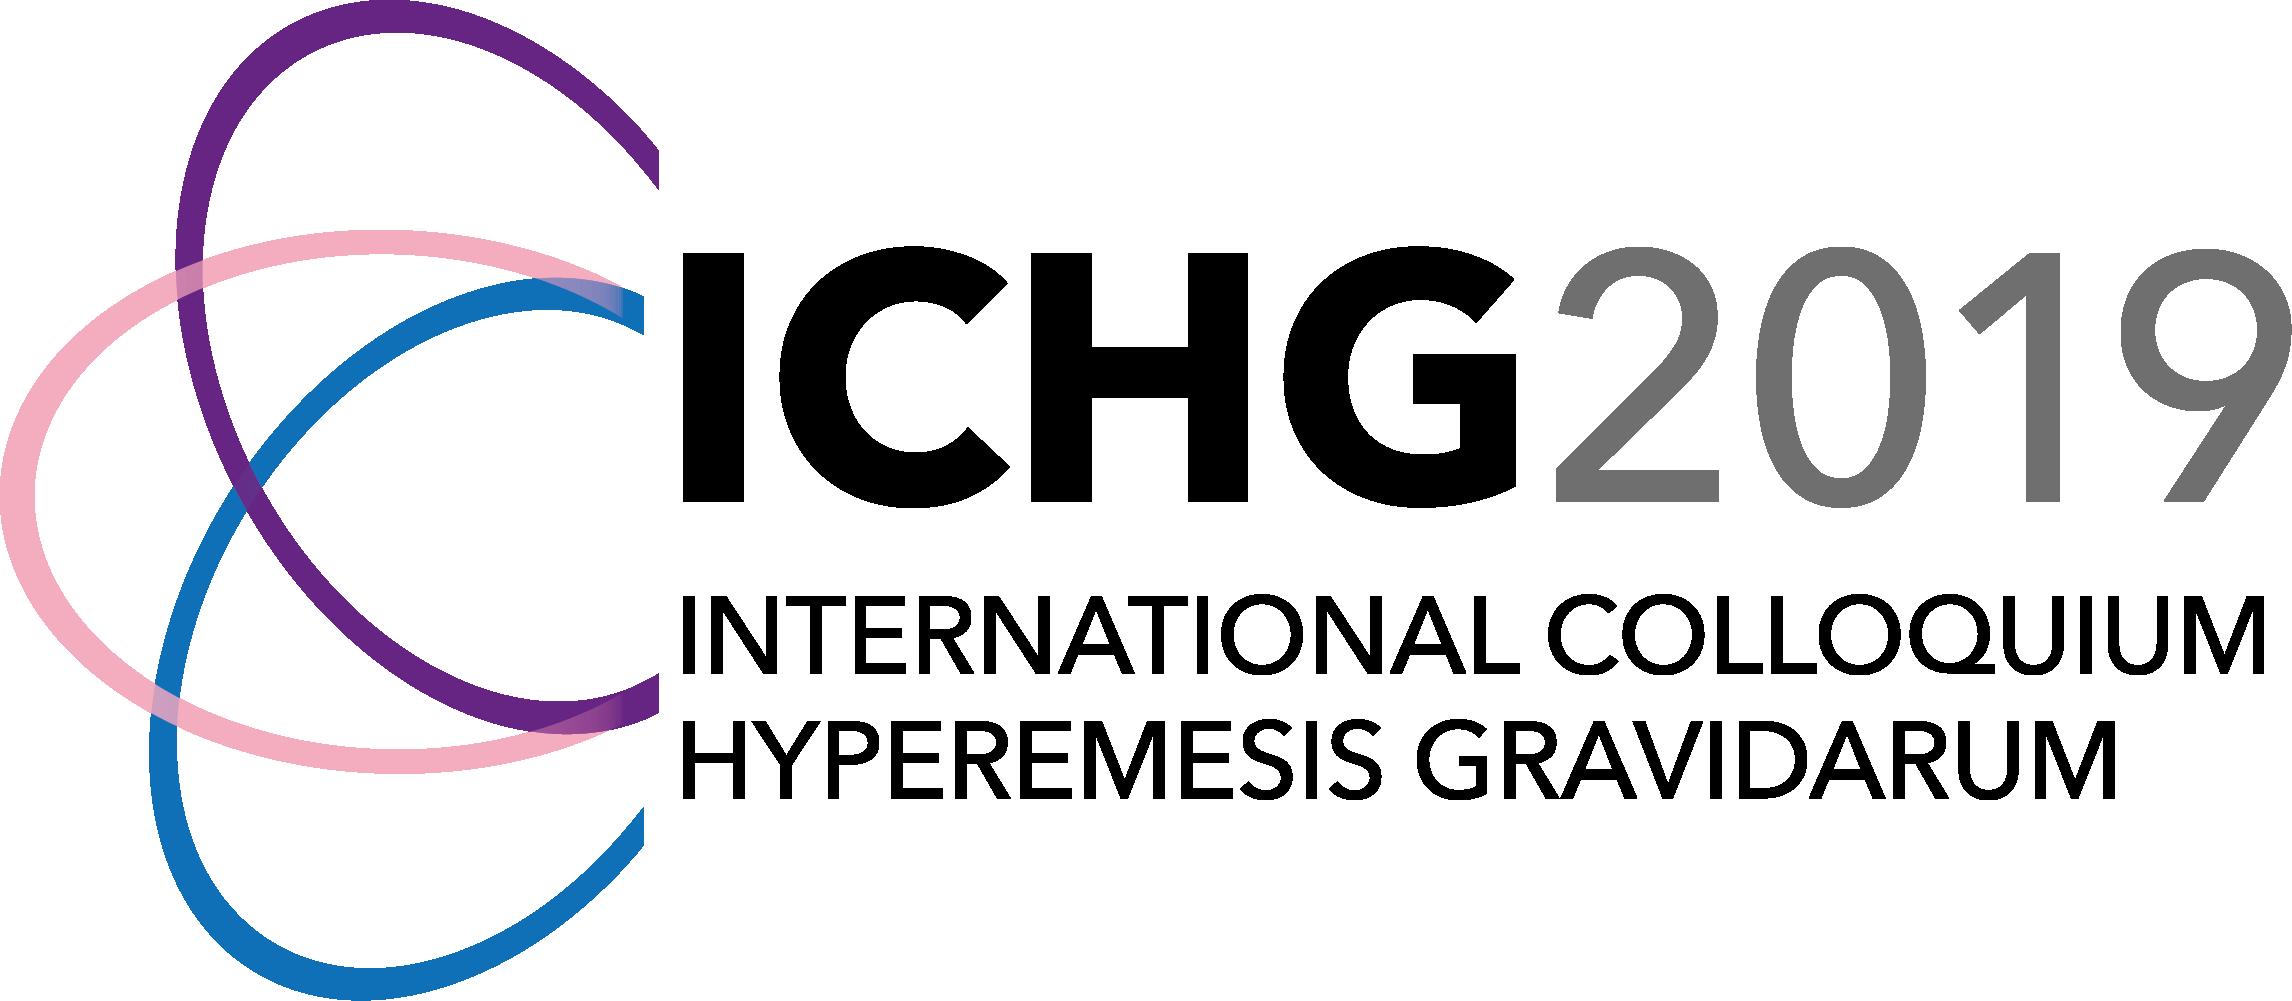 ICHG Logo 2019.png